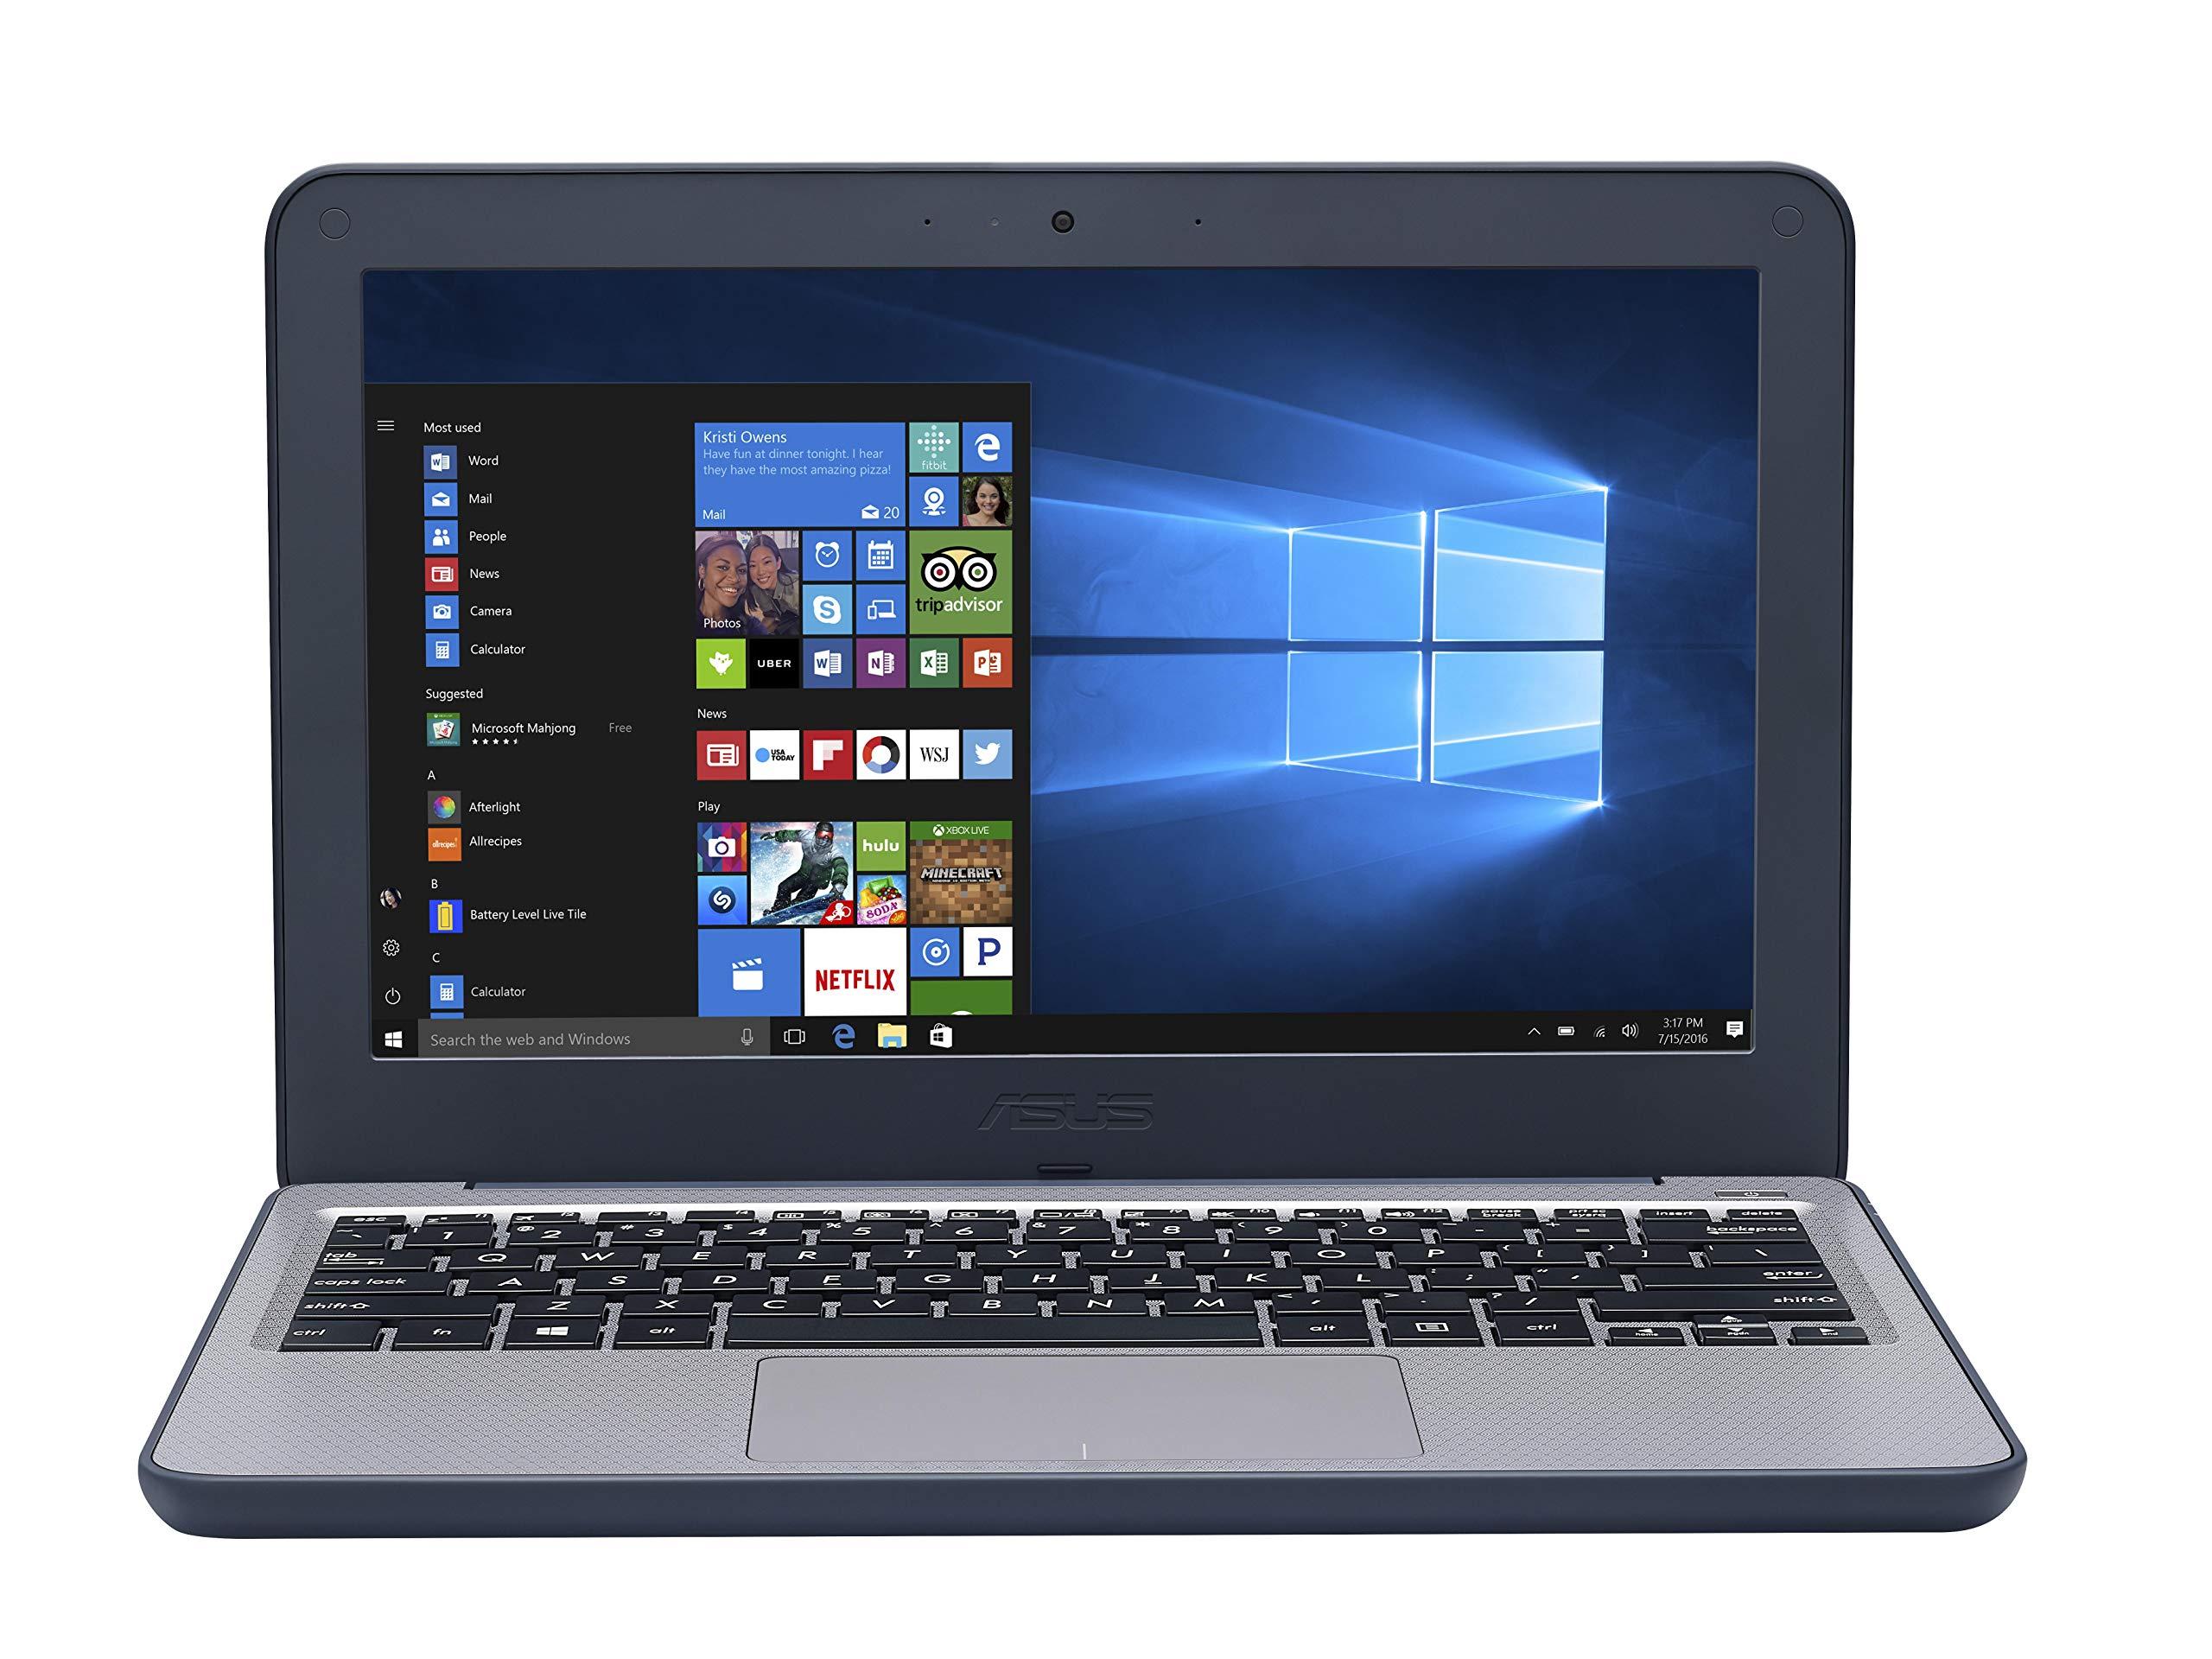 ASUS VivoBook E201NA-GJ008T-OSS 11.6インチHDノートPC  - (ブルー/グレー)(Intel CeleronデュアルコアN3350、4 GB RAM、64 GB eMMC、ウィンドウs 10)